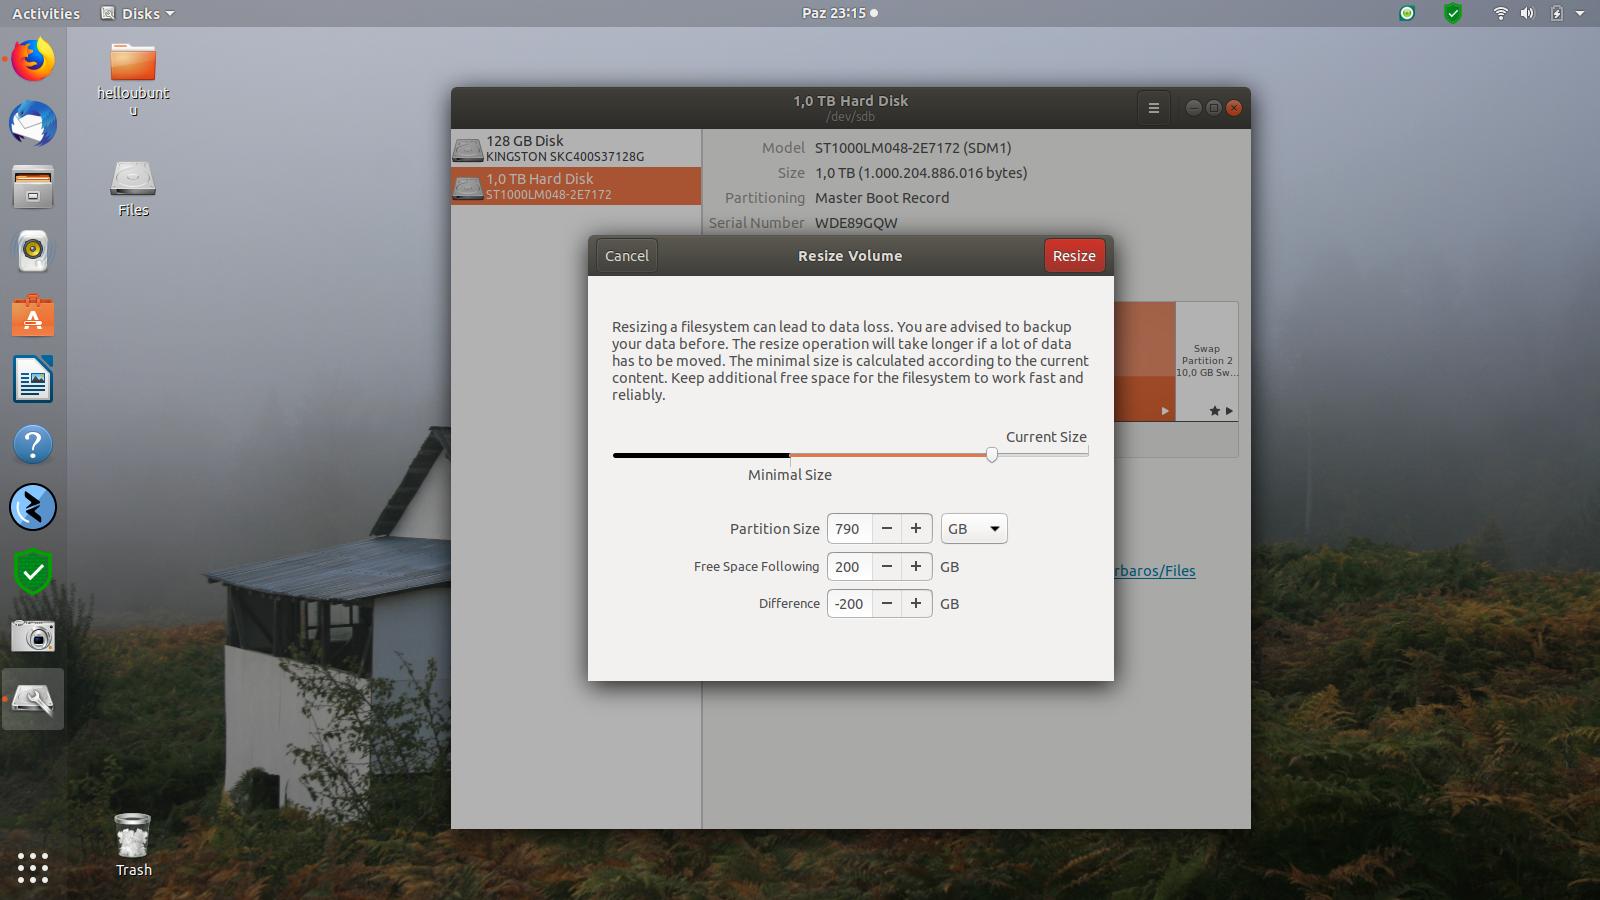 Ubuntu 18.04 Disk Yönetimi